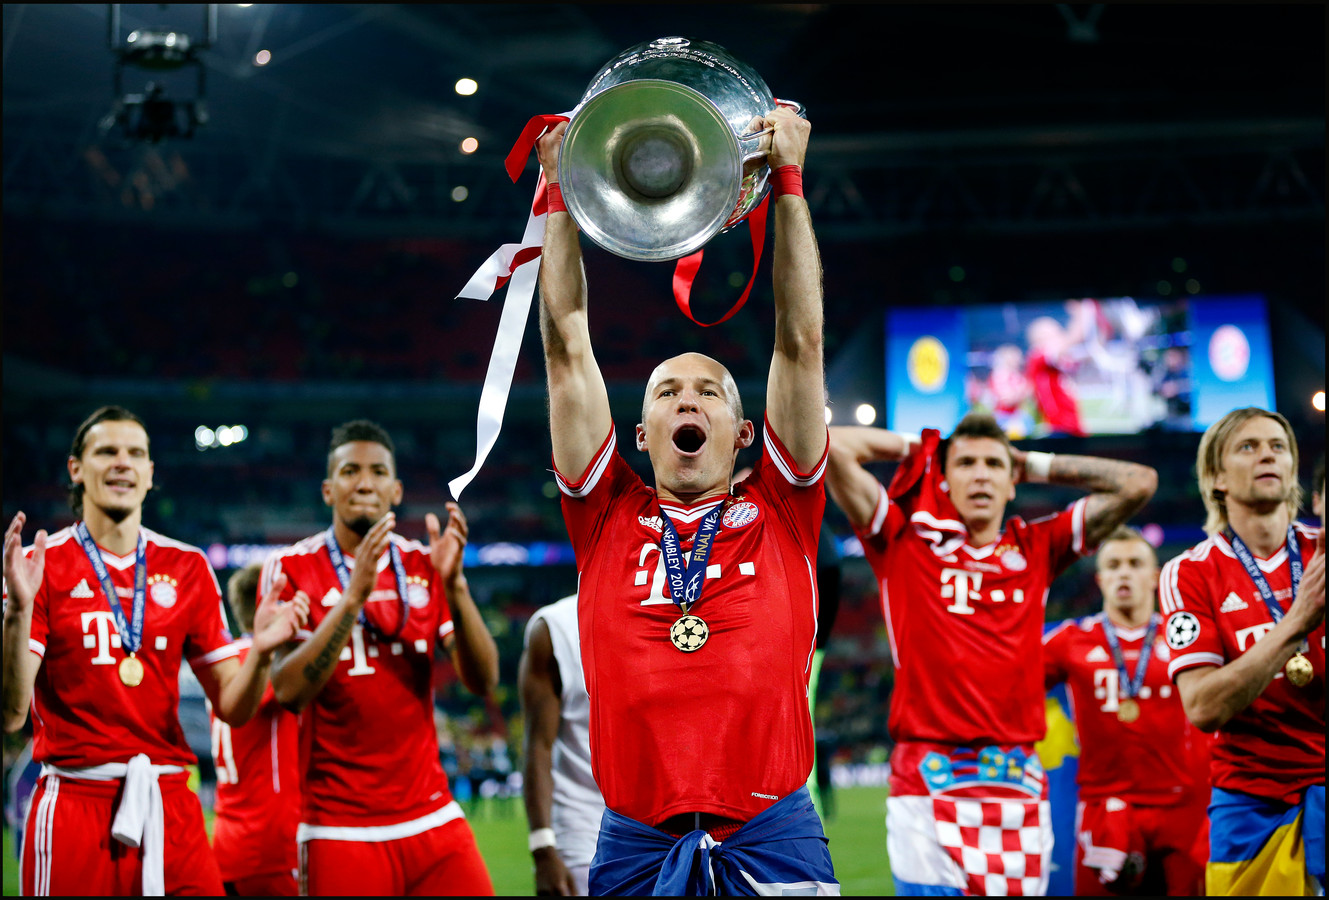 Arjen Robben tilt de Cup met de Grote Oren op na de winst van Bayern Munchen op Borussia Dortmund in de Champions League finale (1-2). Robben scoorde vlak voor tijd de winnende treffer.